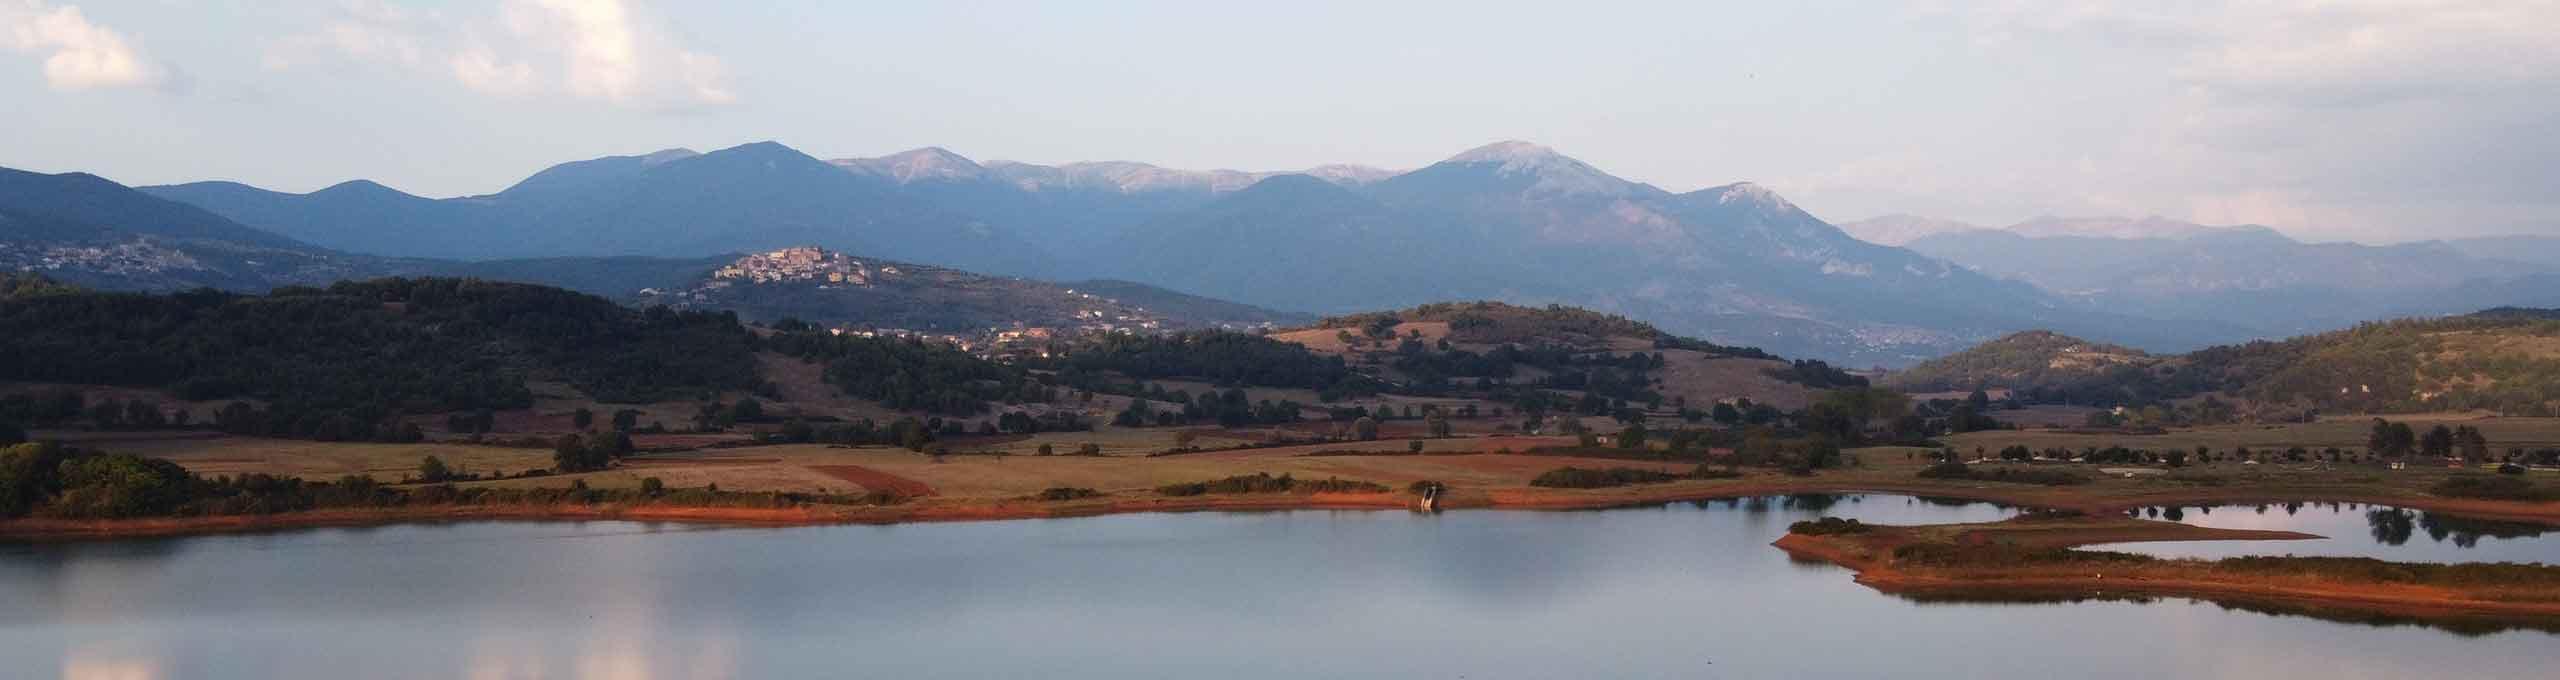 Ferentino, Ciociaria, riserva naturale del Lago di Canterno